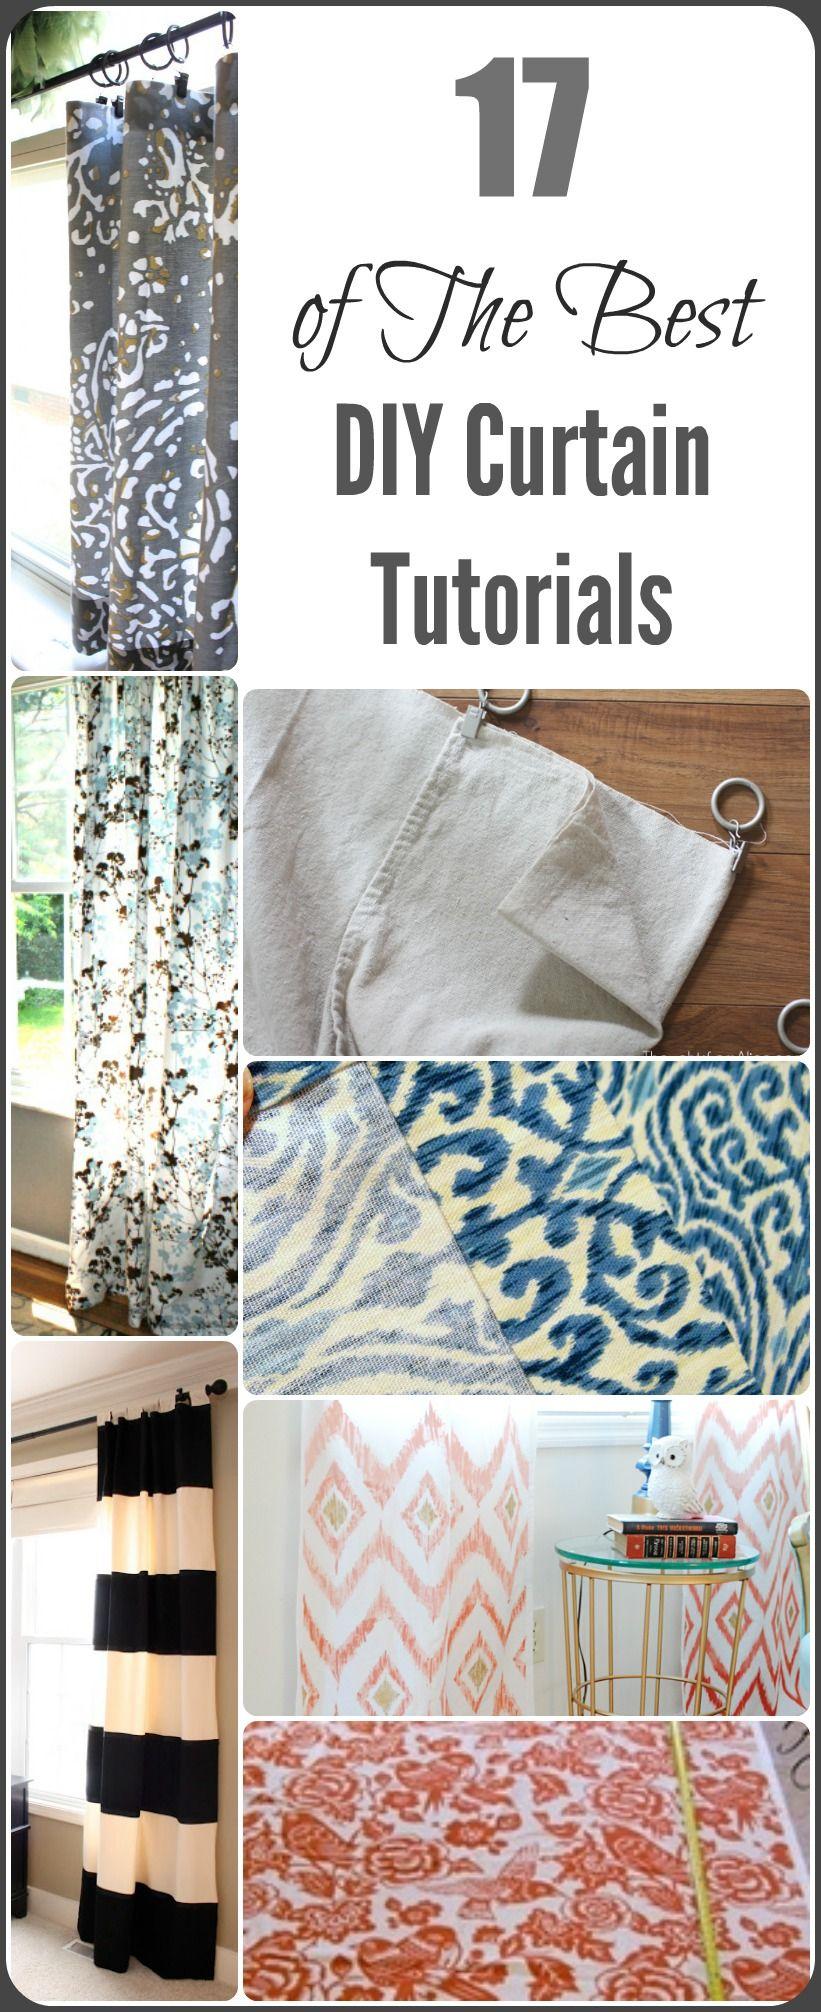 Diy Curtain Ideas And Tutorials Diy Curtains Decor Home Decor